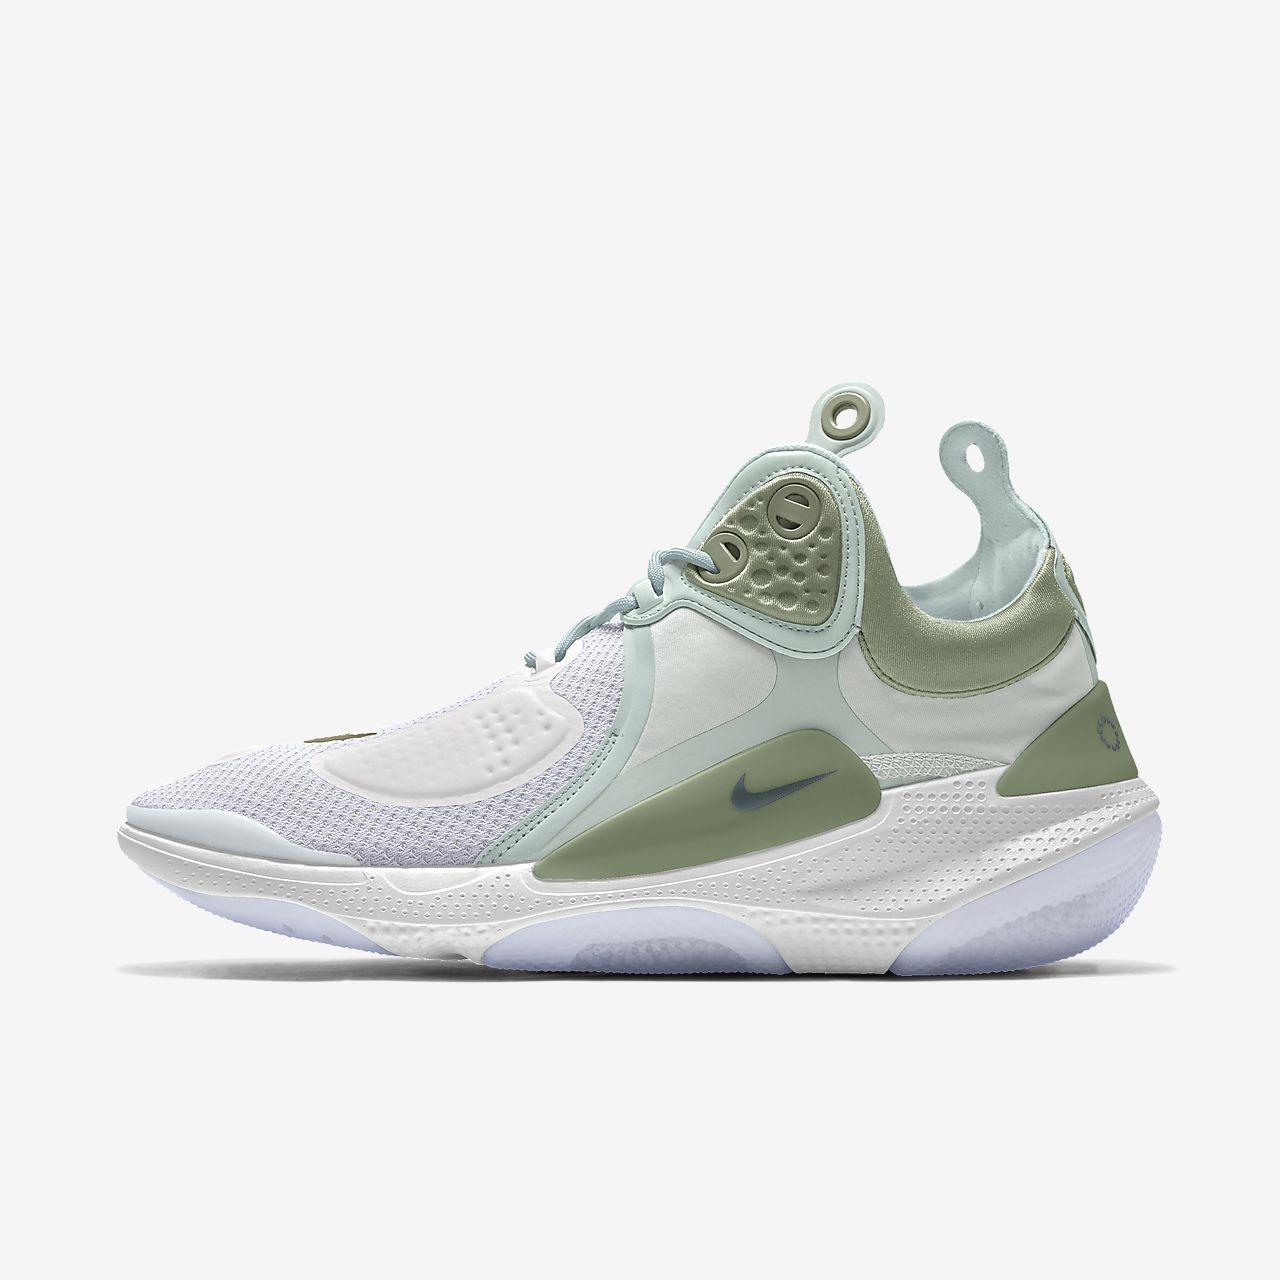 Calzado para mujer personalizado Nike Joyride CC3 Setter By You